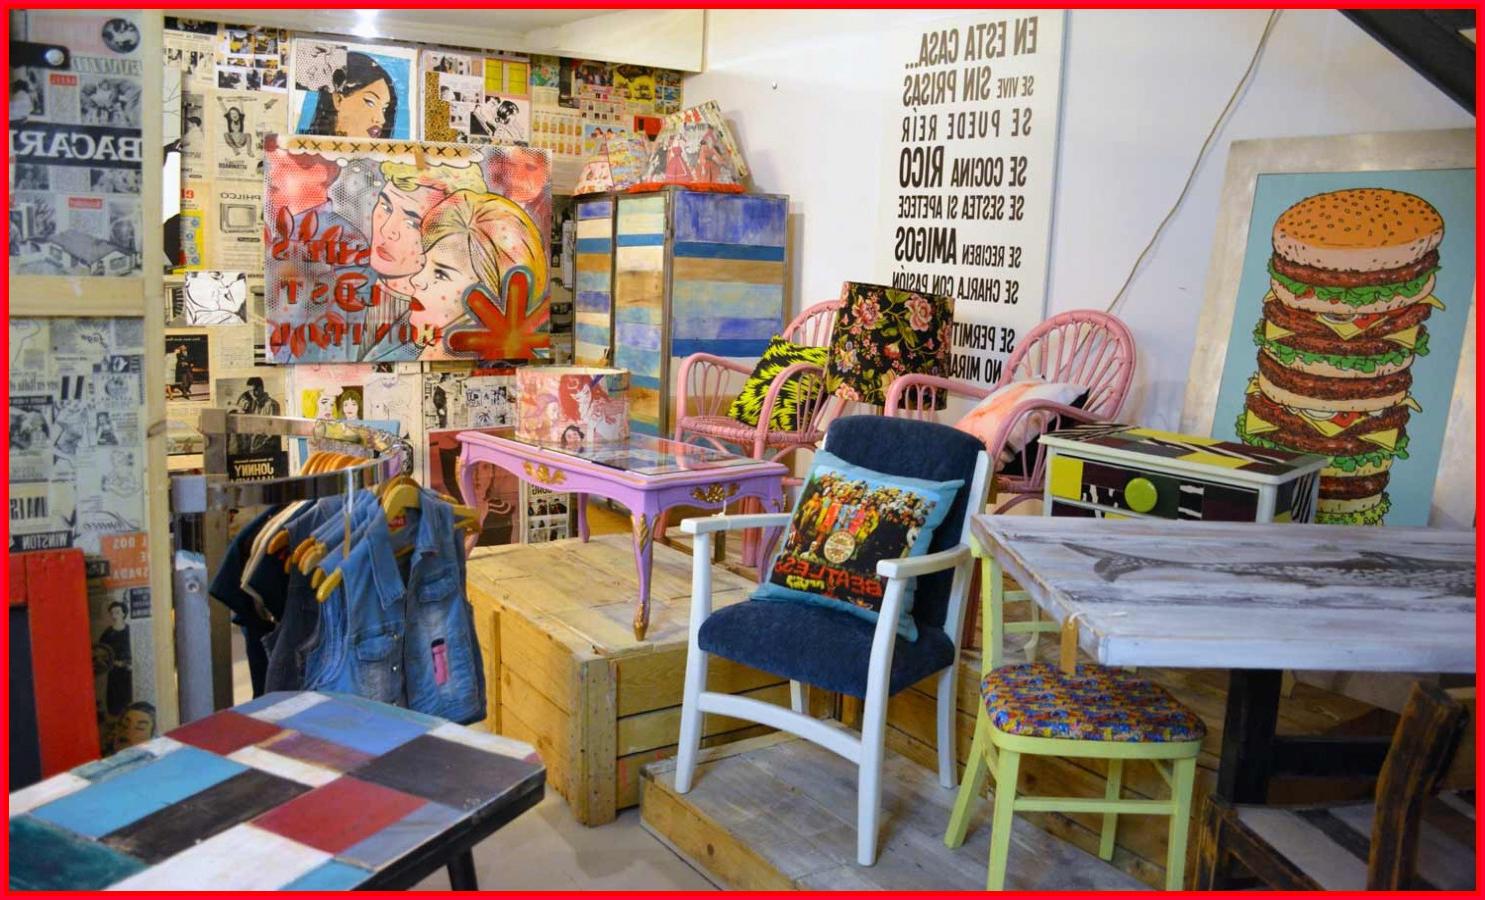 Tiendas De Muebles En Alcorcon E9dx Tiendas De Muebles En Alcorcon Tiendas Muebles Alcorcon